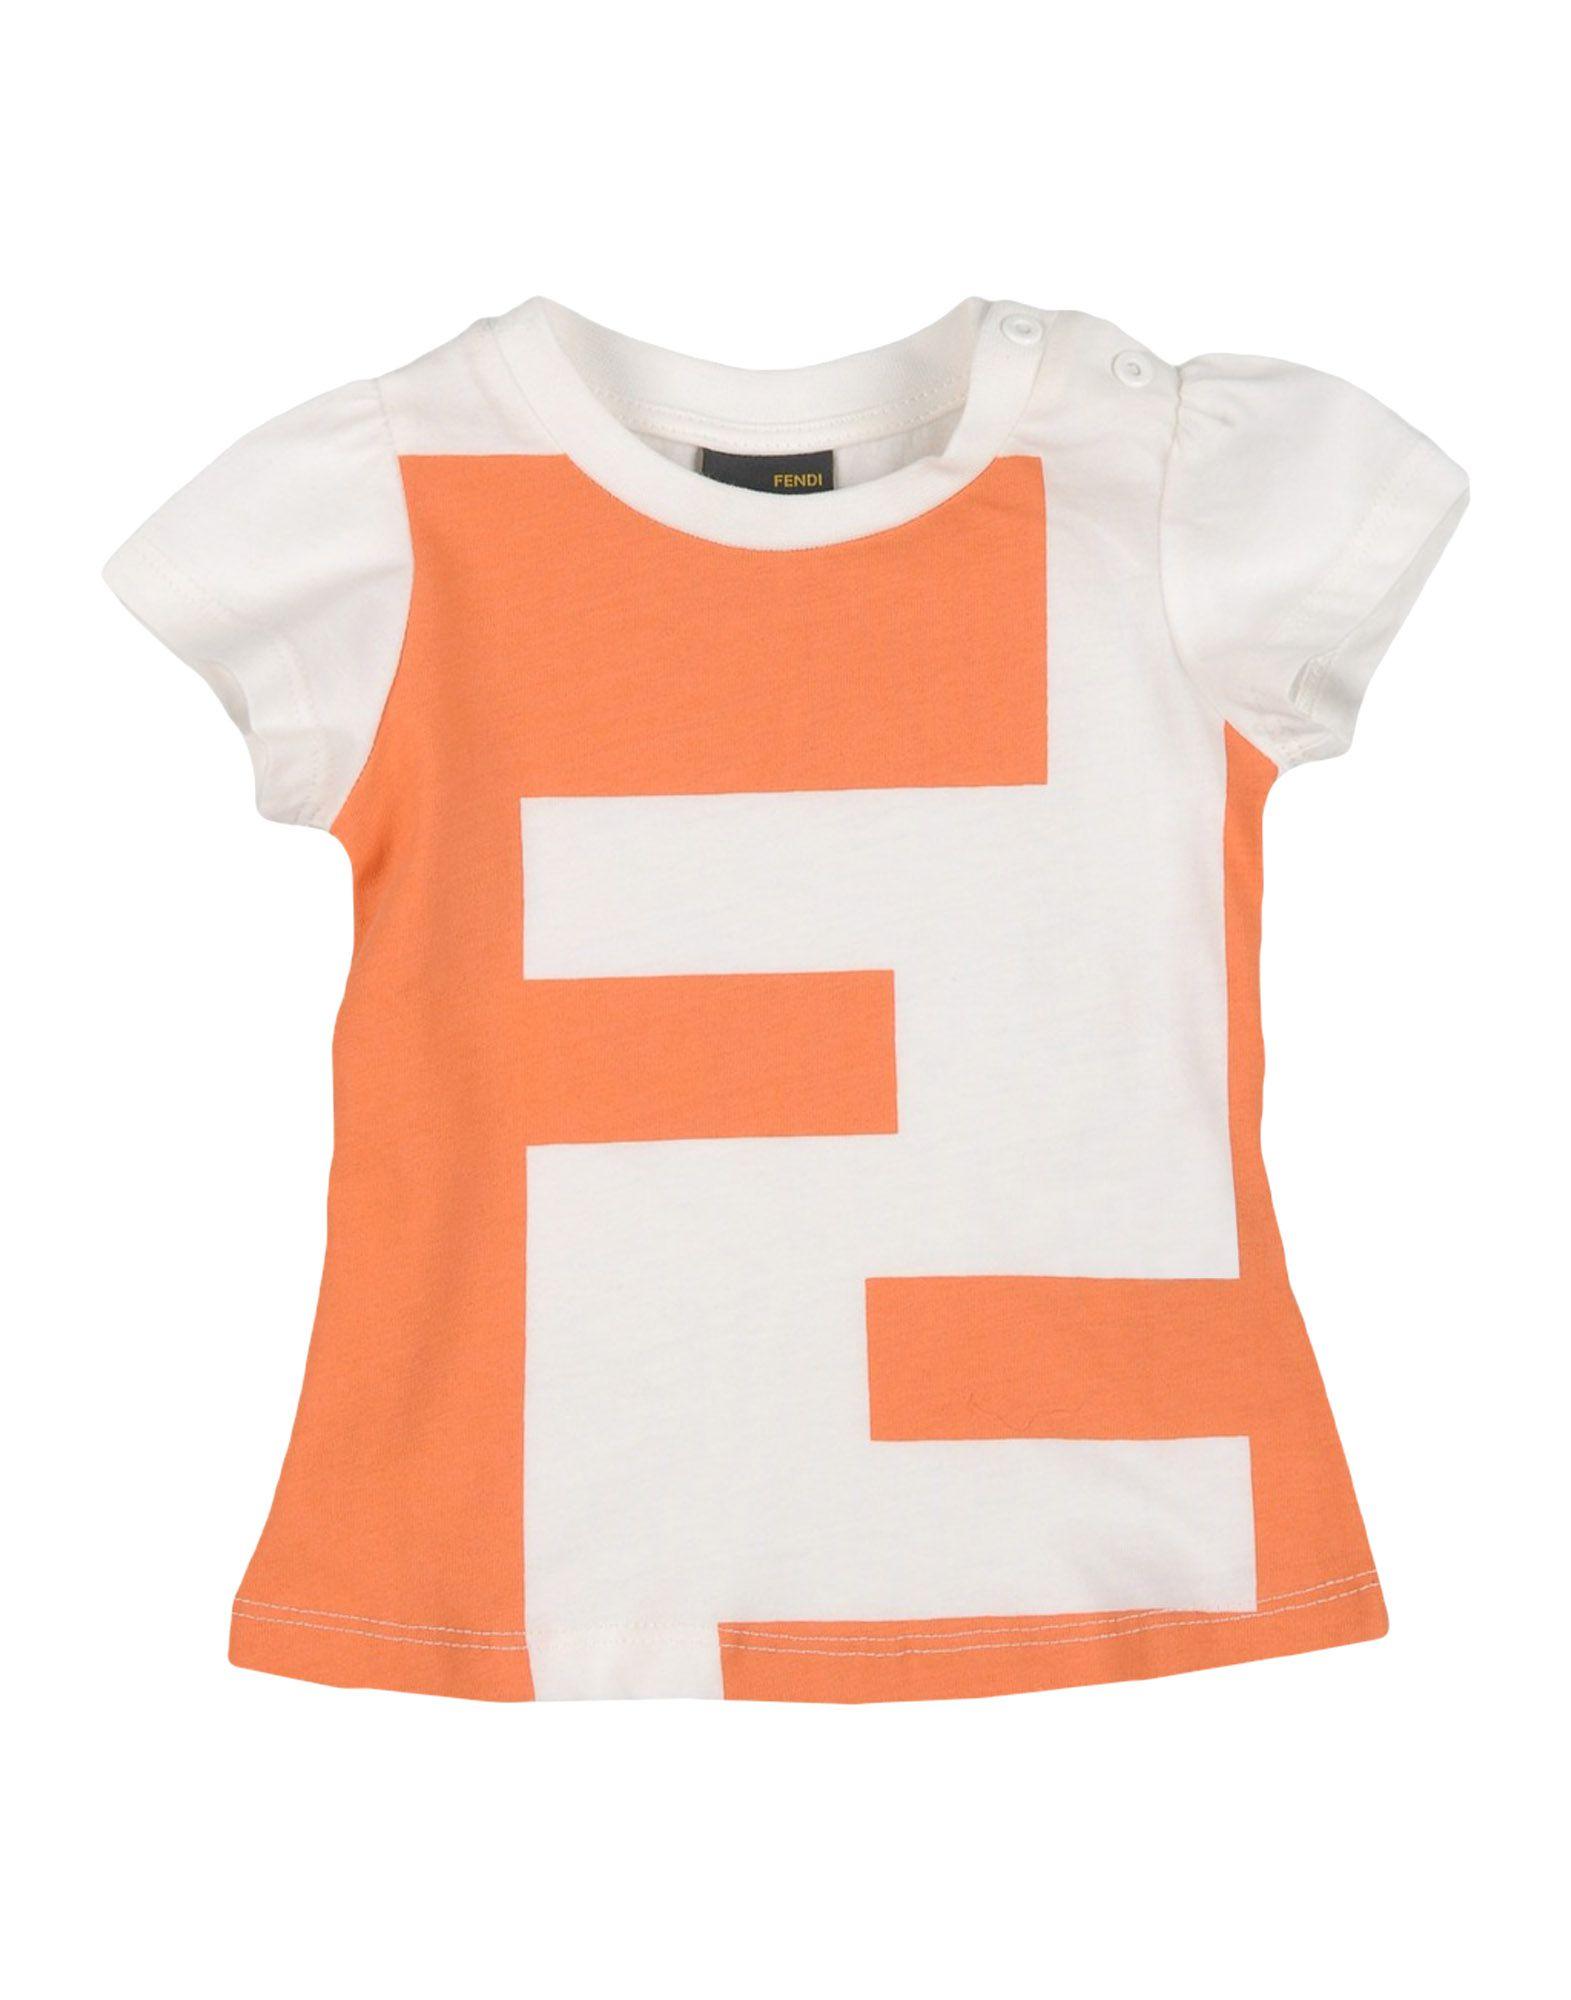 b9c67eb29c6db Fendi  Baby FF Logo T-shirt from Stush Fashionista